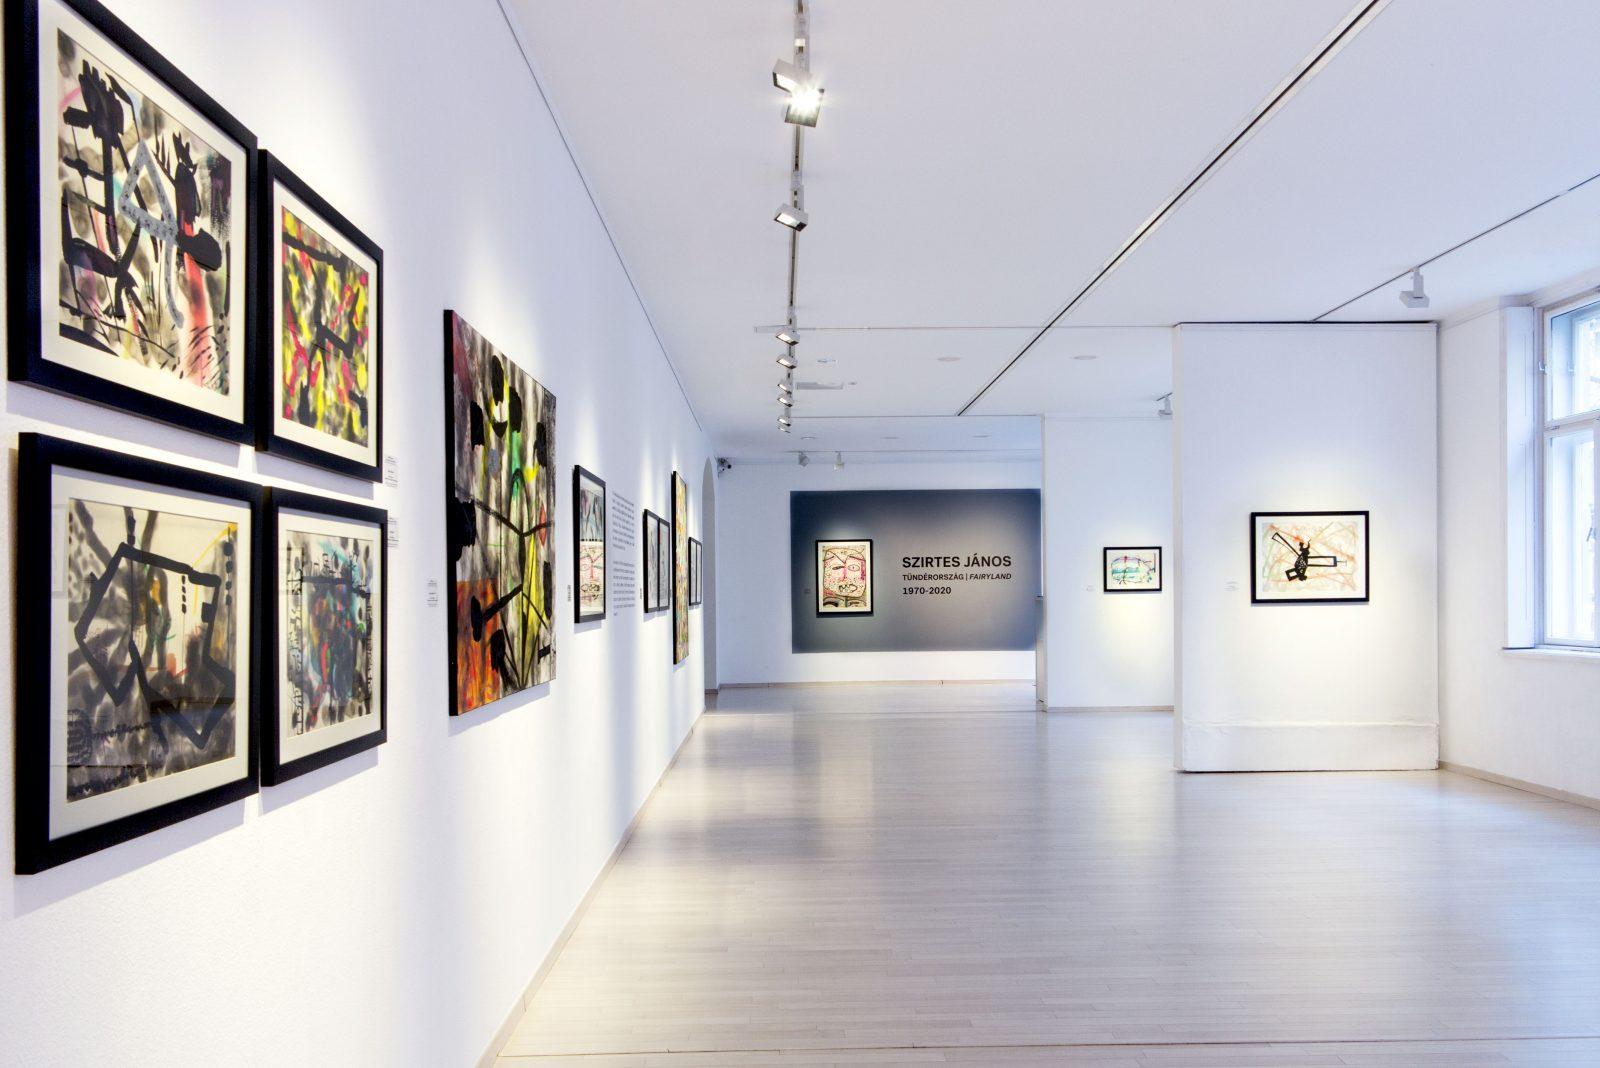 Szirtes János: Tündérország , 1970-2020, Várfok Galéria 2020. kiállítási enteriőr